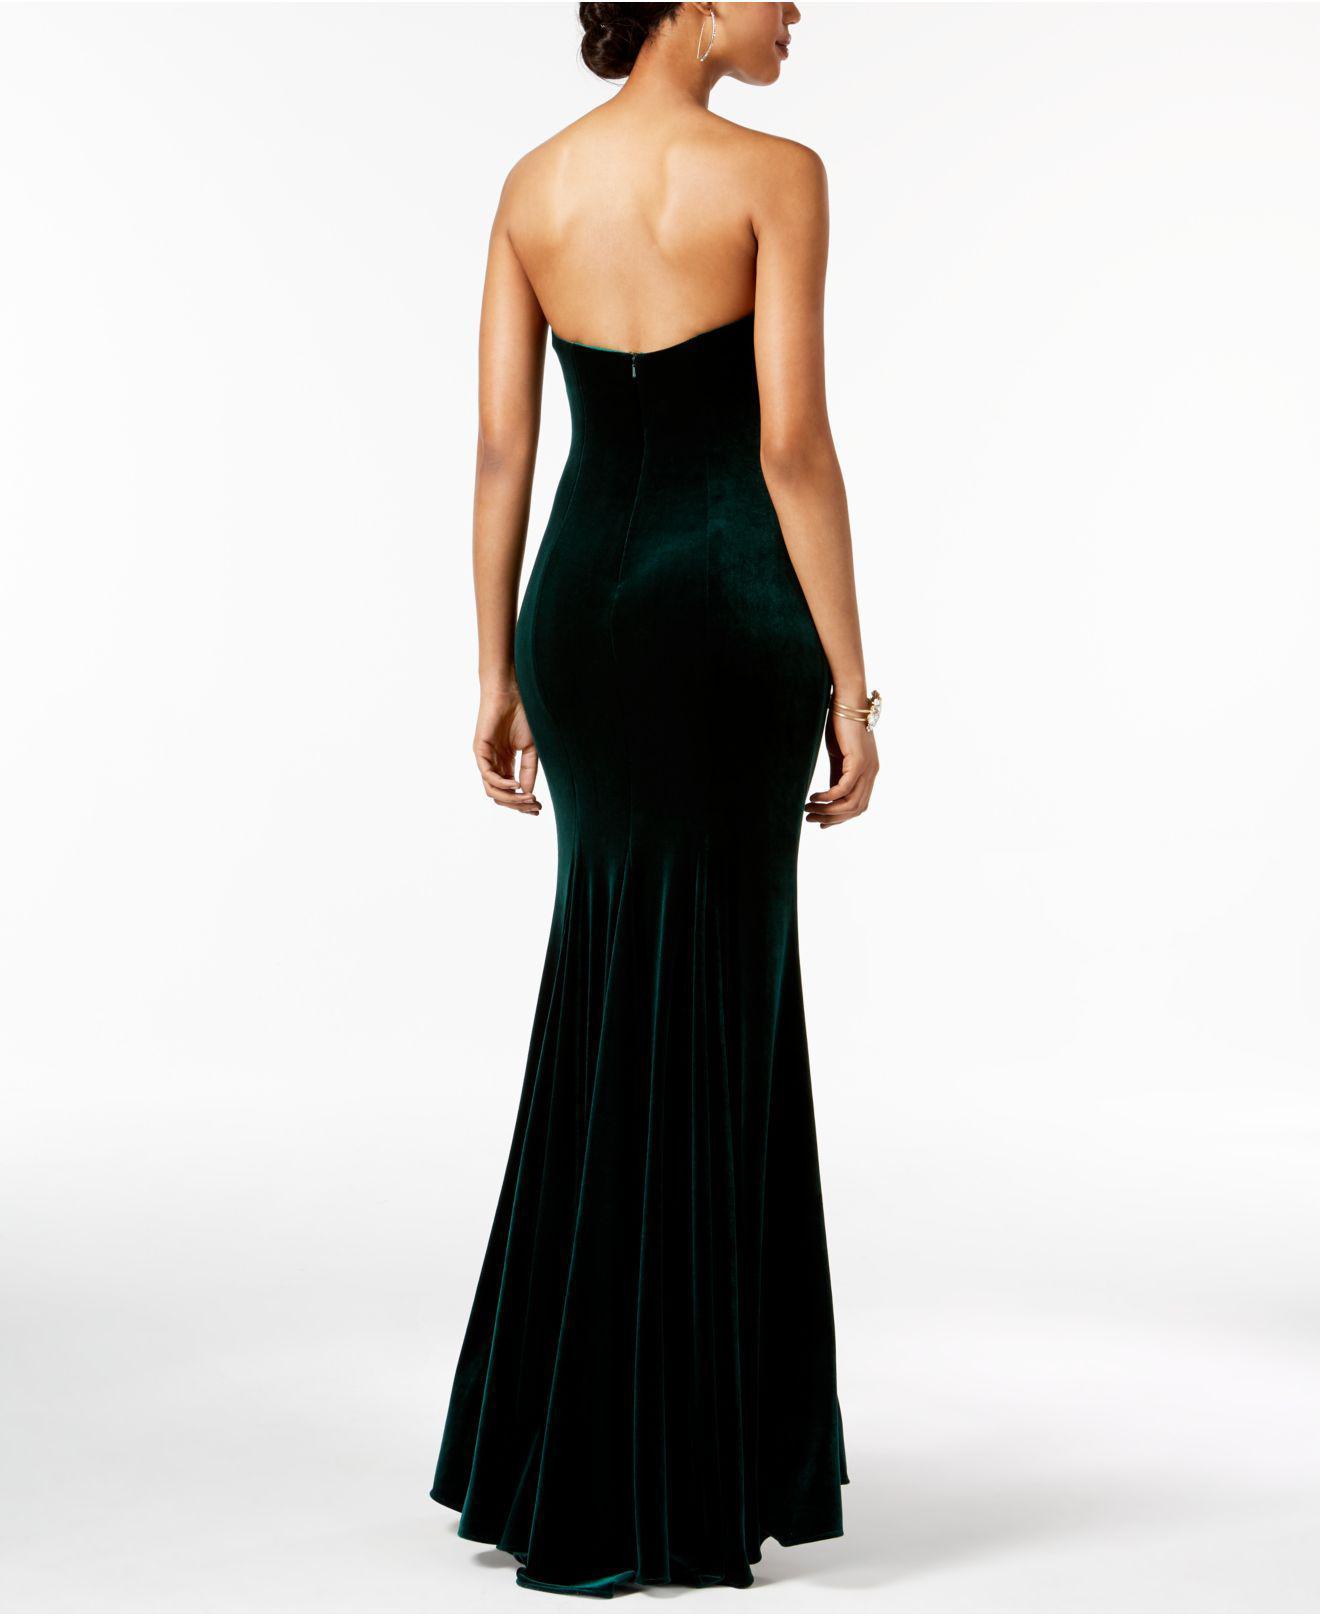 Lyst - Betsy & Adam Strapless Velvet Slit Gown in Black